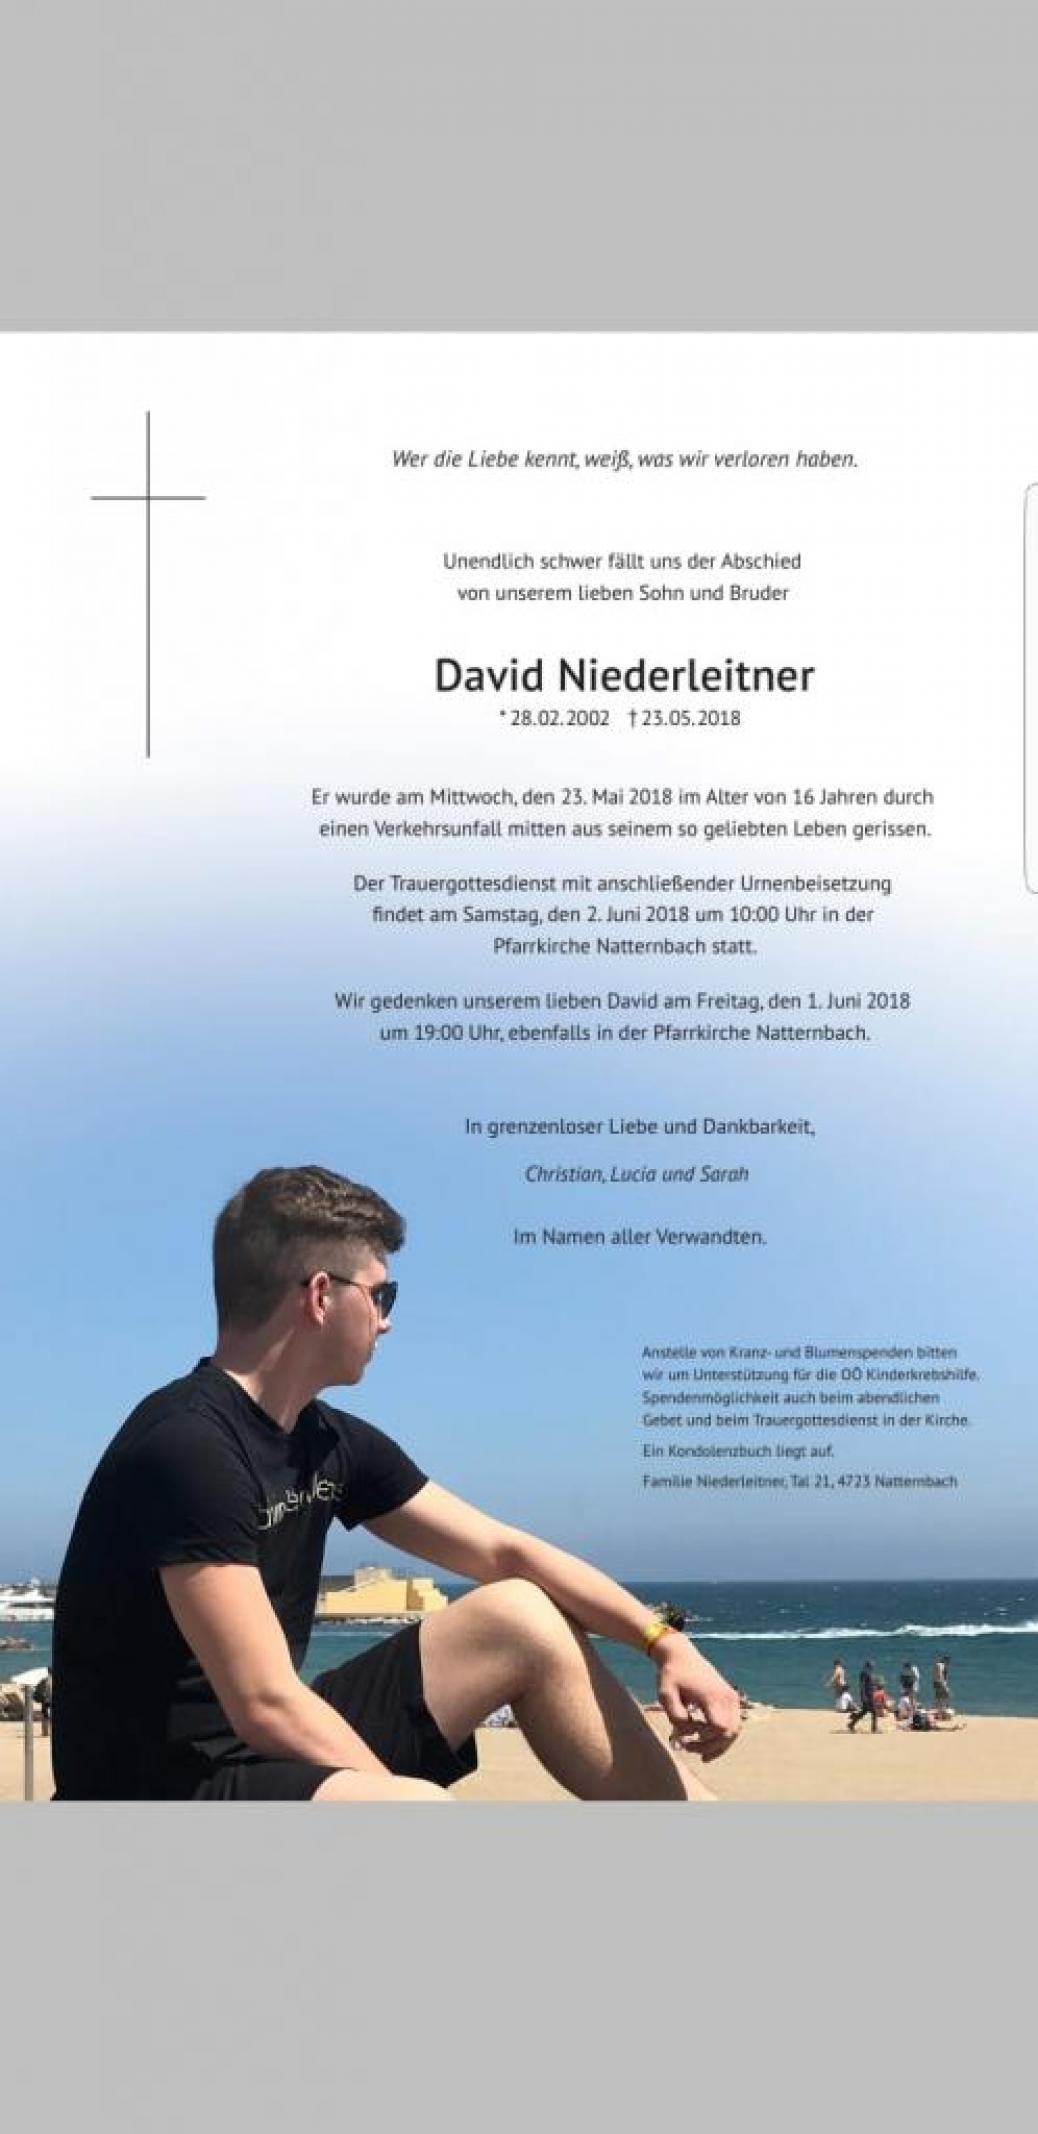 Wir trauern um unser Mitglied David Niederleitner